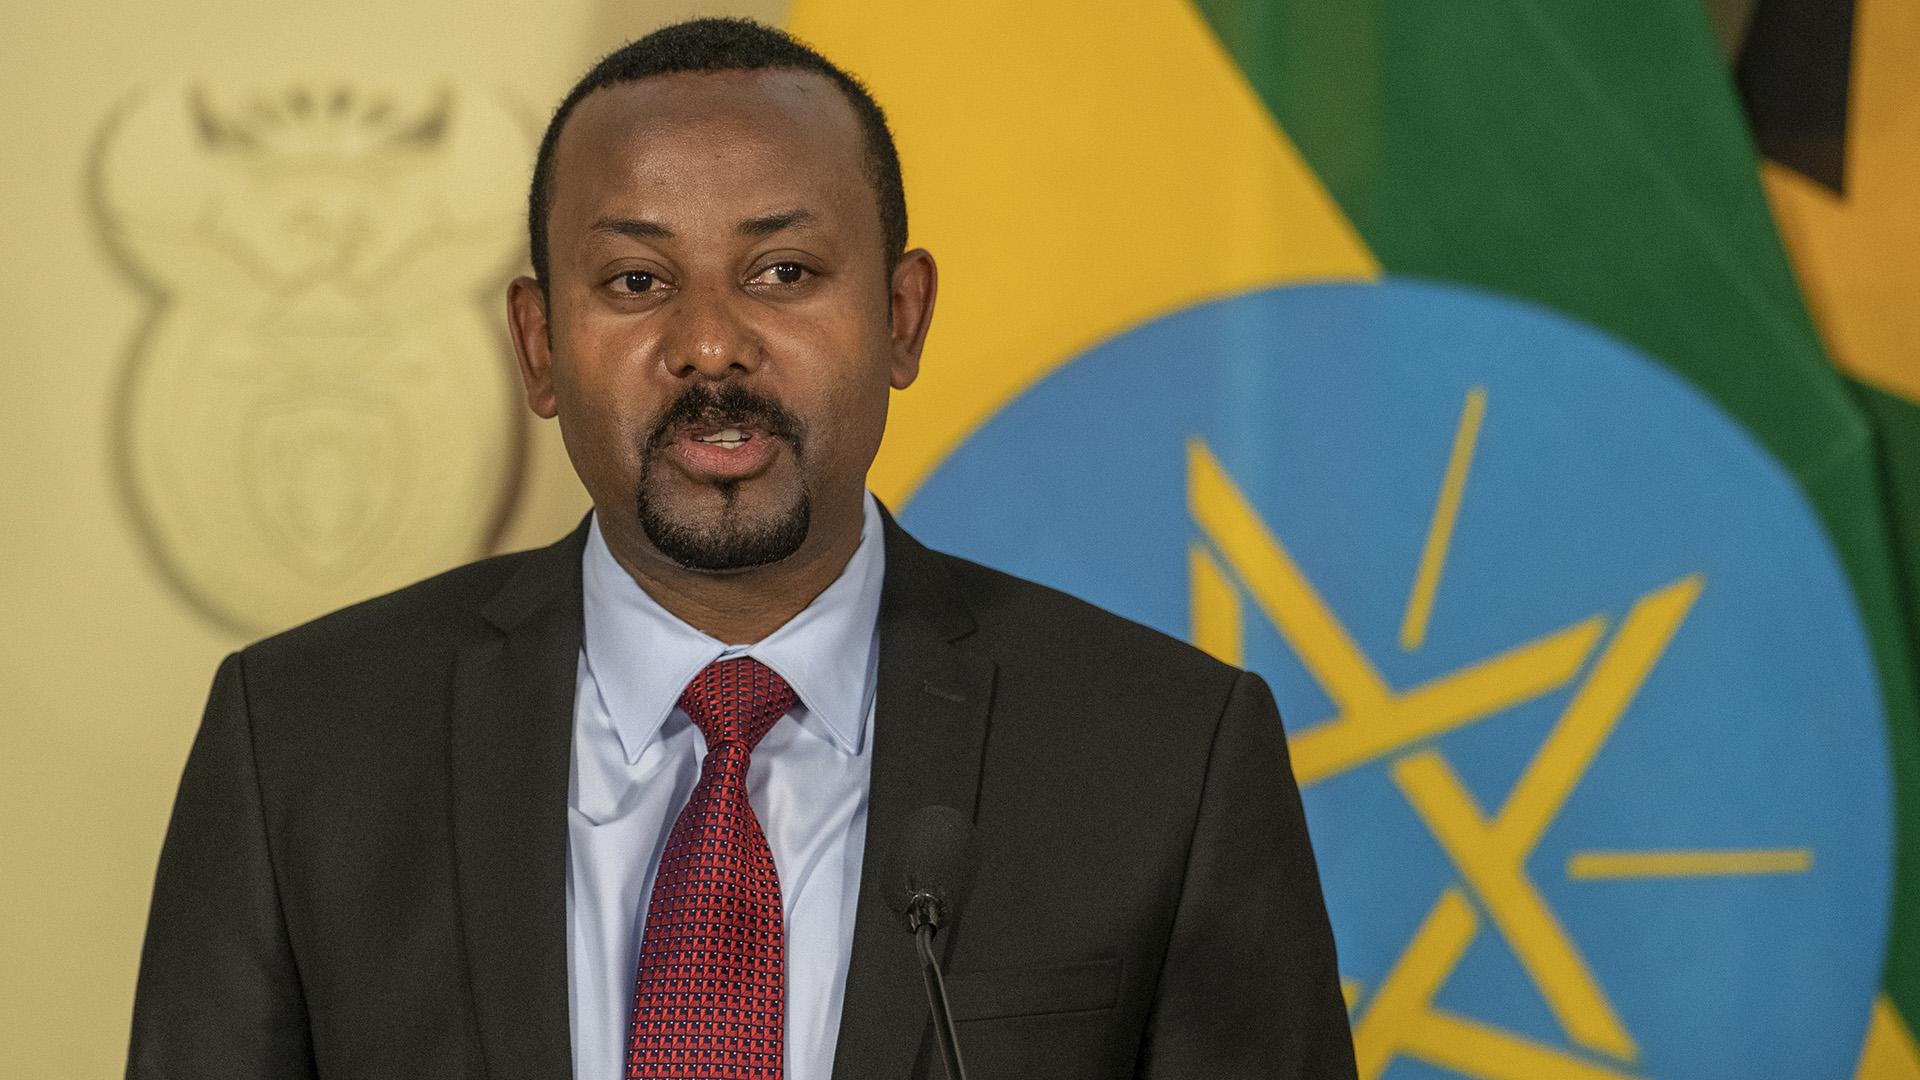 Is Ethiopia sliding backwards under Abiy Ahmed?